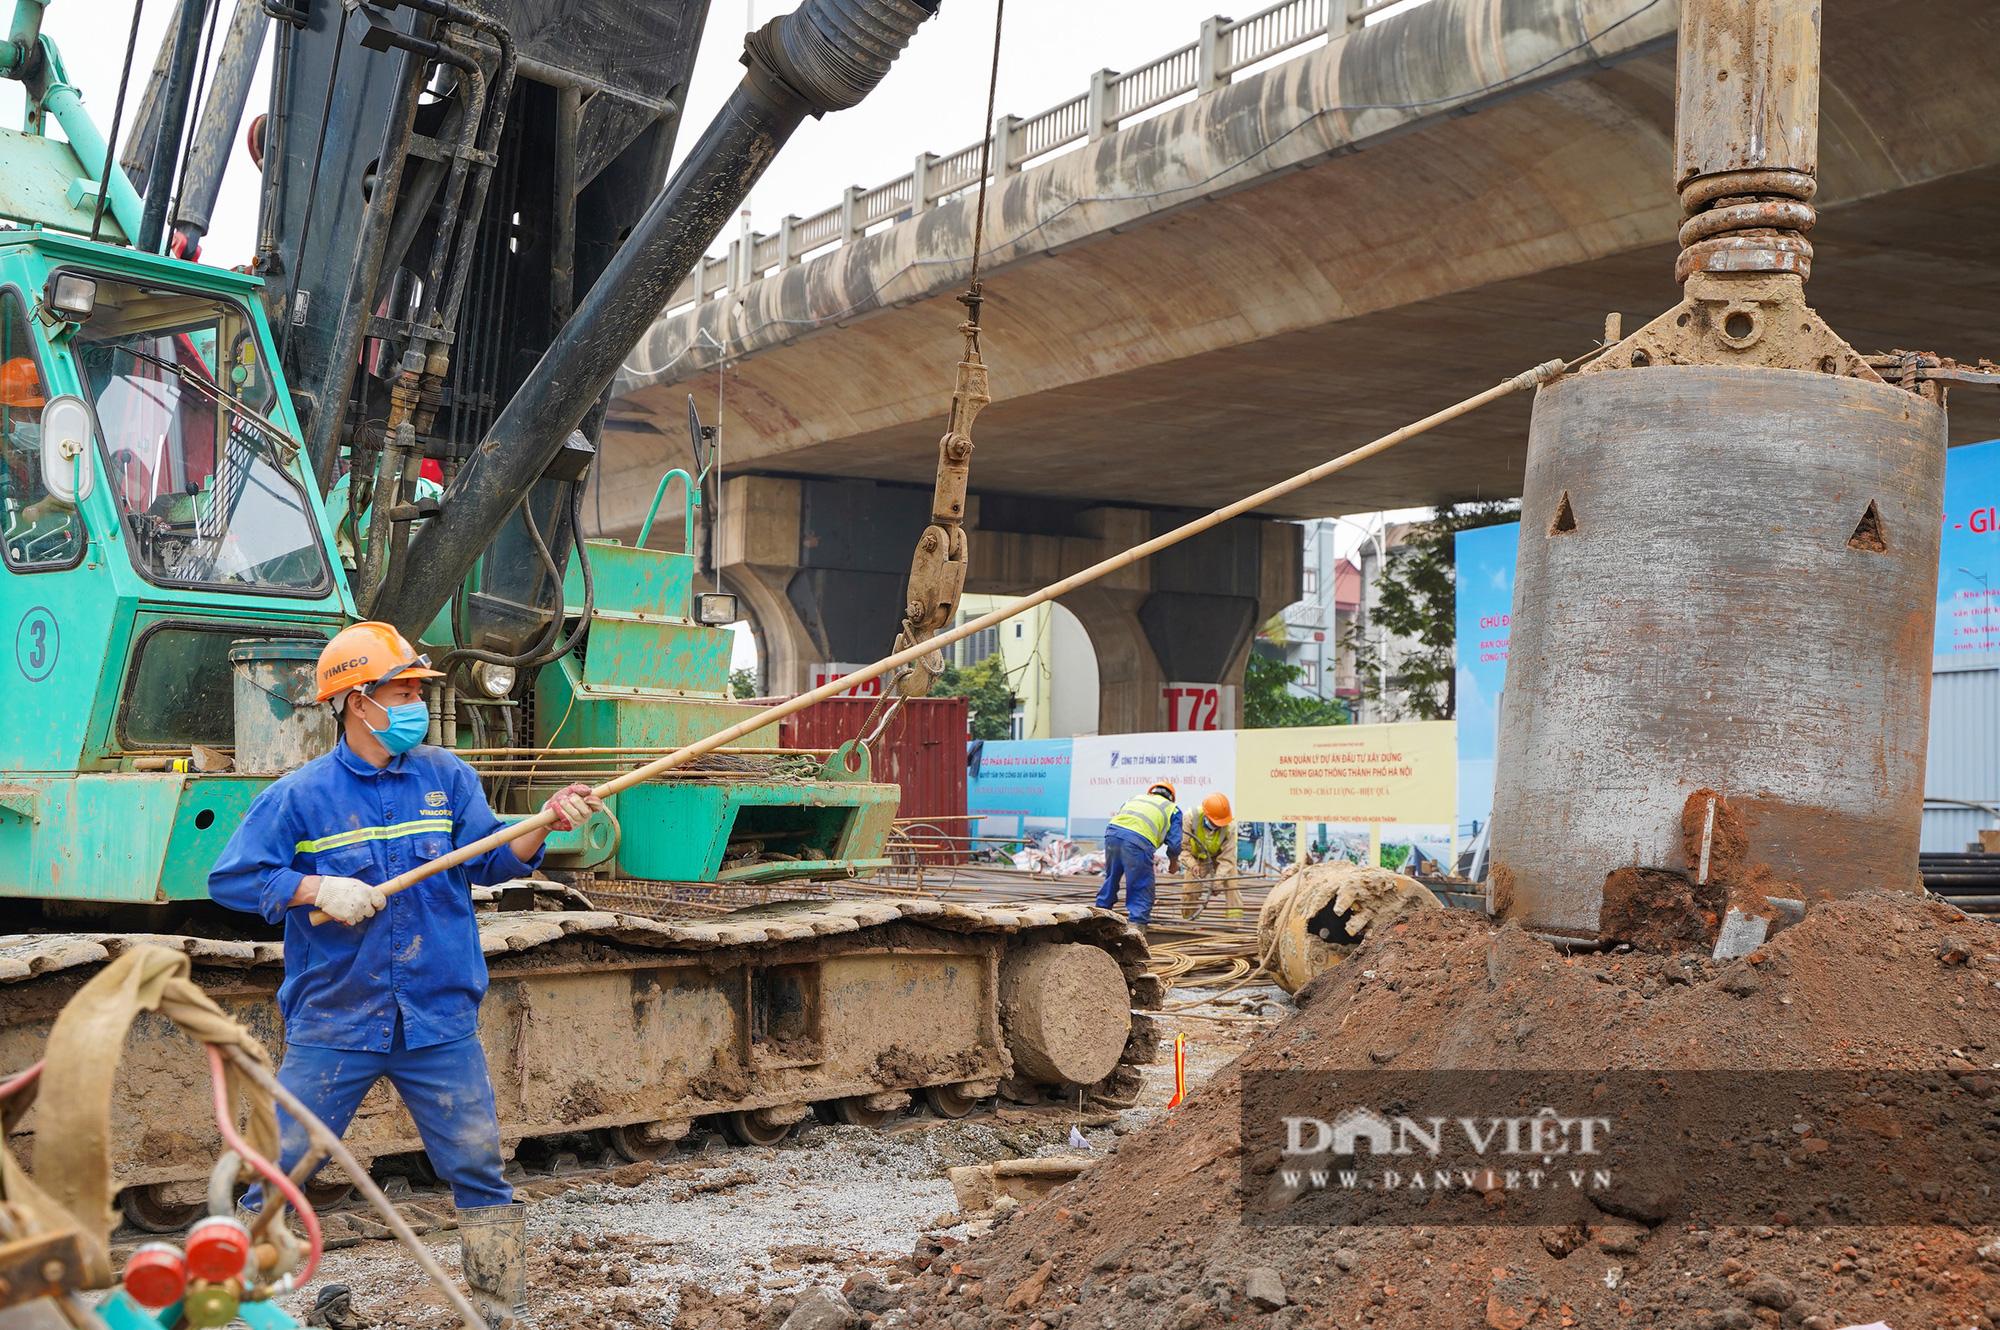 Cầu vượt sông Hồng hơn 2.500 tỷ gấp rút thi công sau kỳ nghỉ Tết - Ảnh 6.